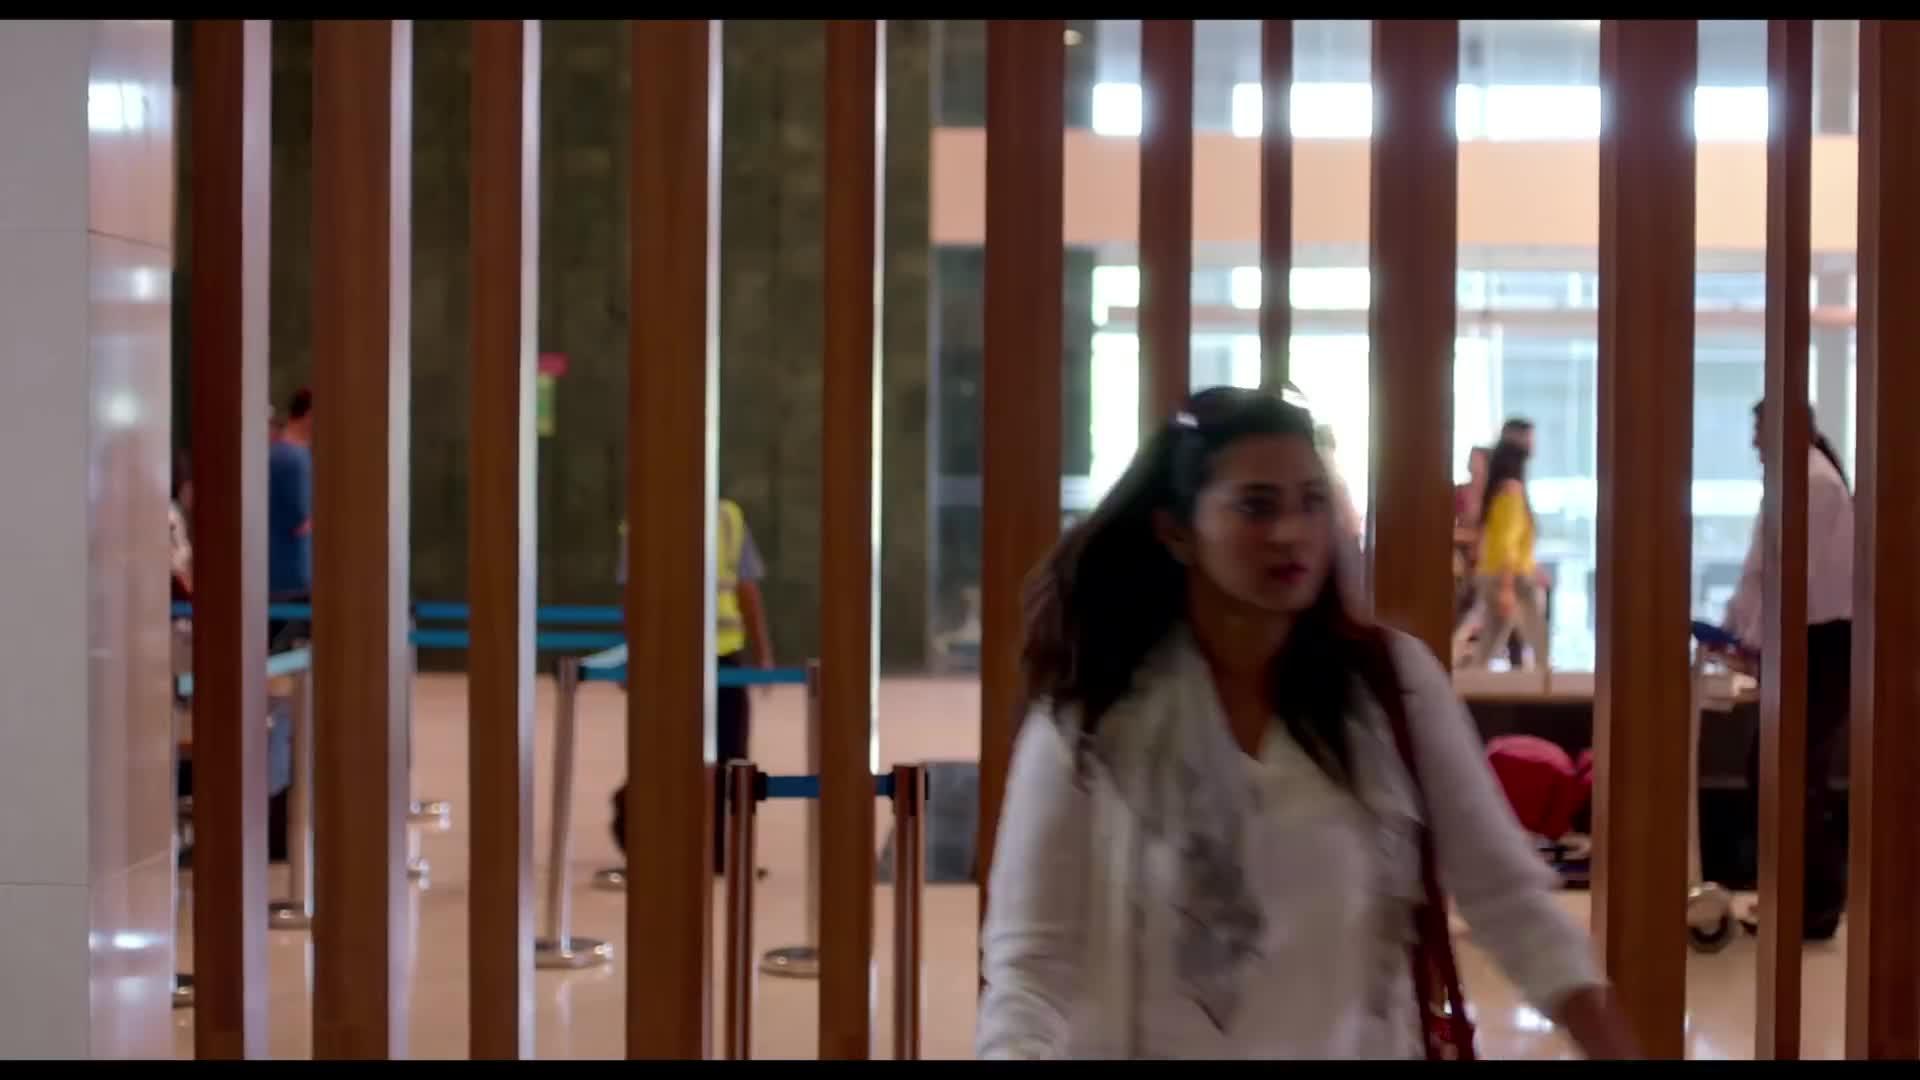 Qarib Qarib Singlle (2017) Trailer